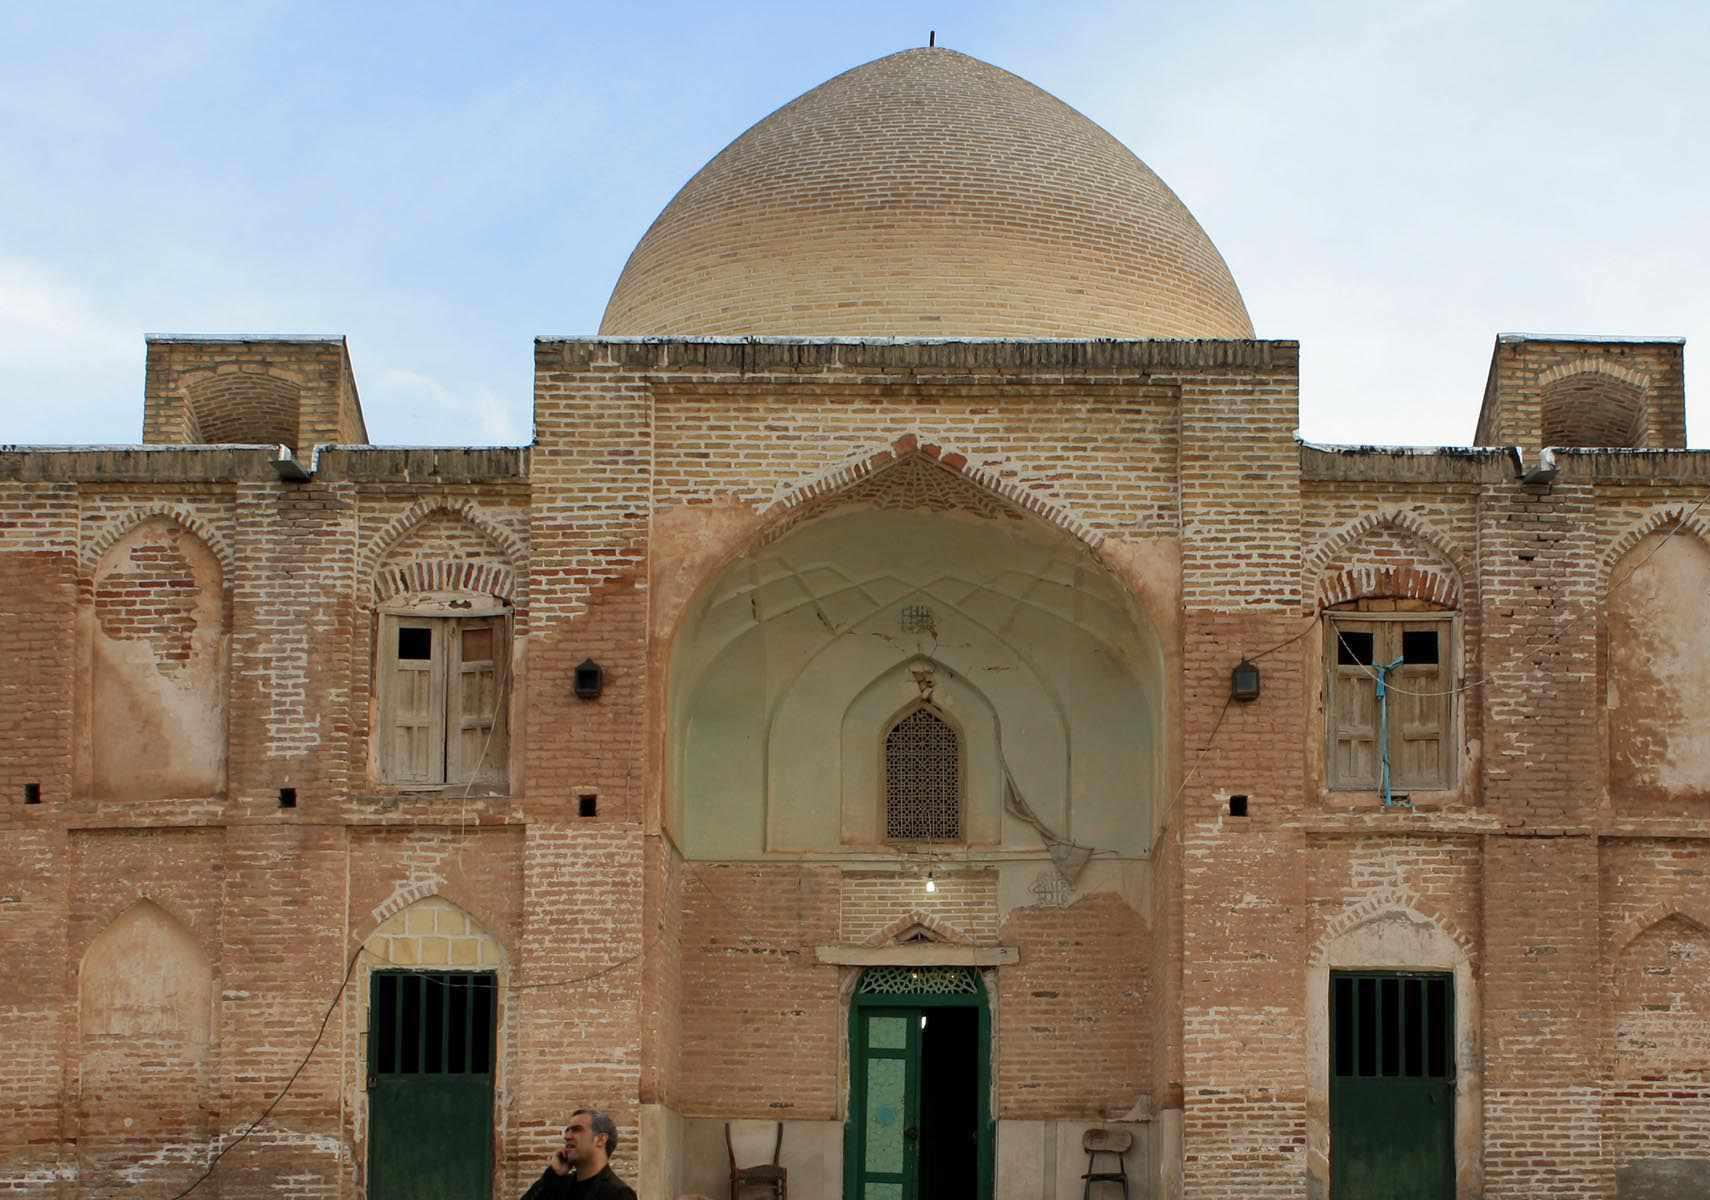 امامزاده علاءالدین، هویت فرهنگی یک روستا